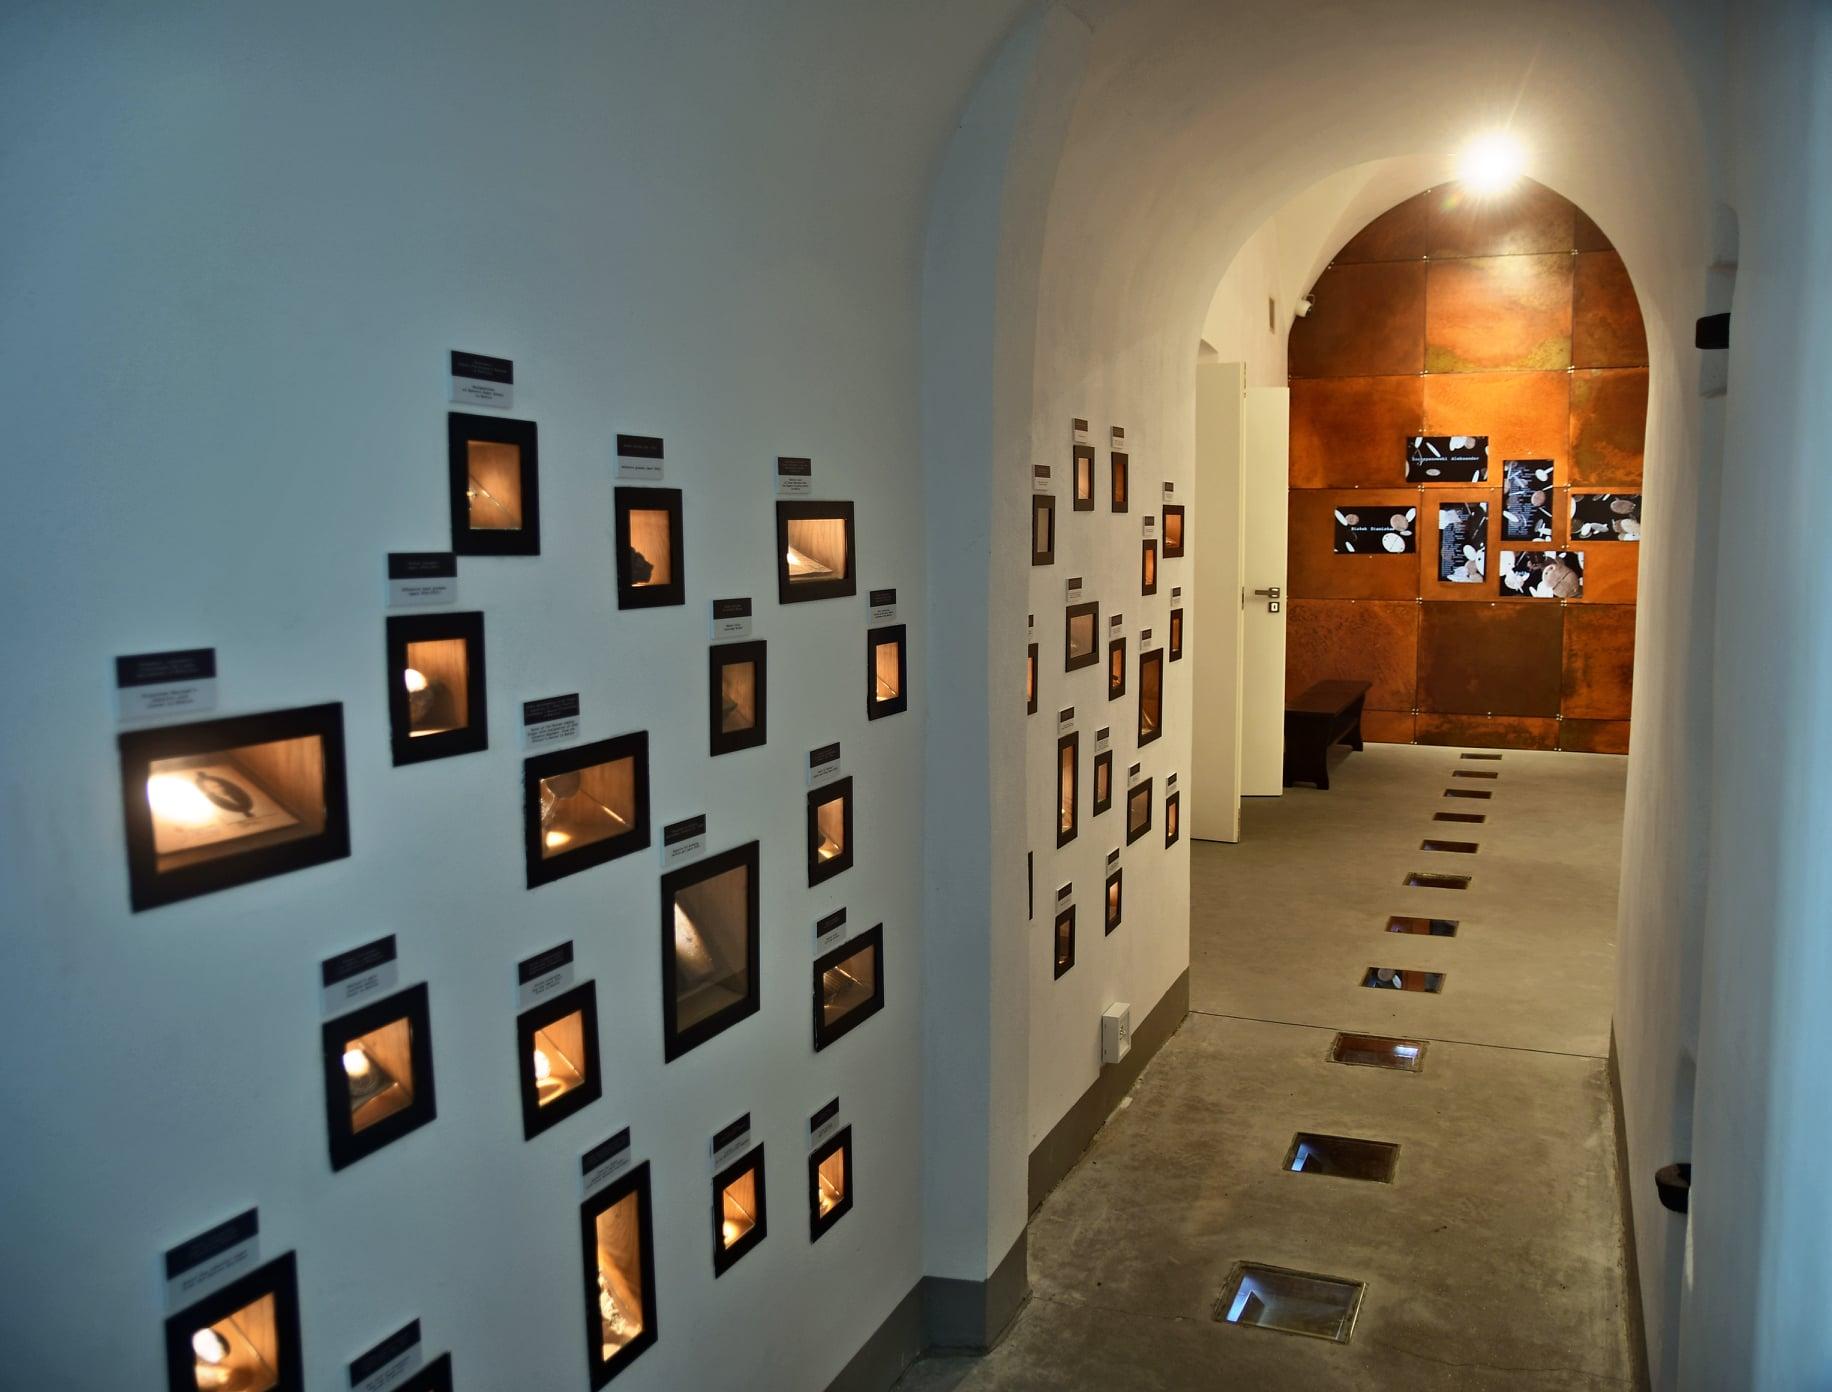 Sala pamięci, autor zdjęcia: Piotr Zakrzewski